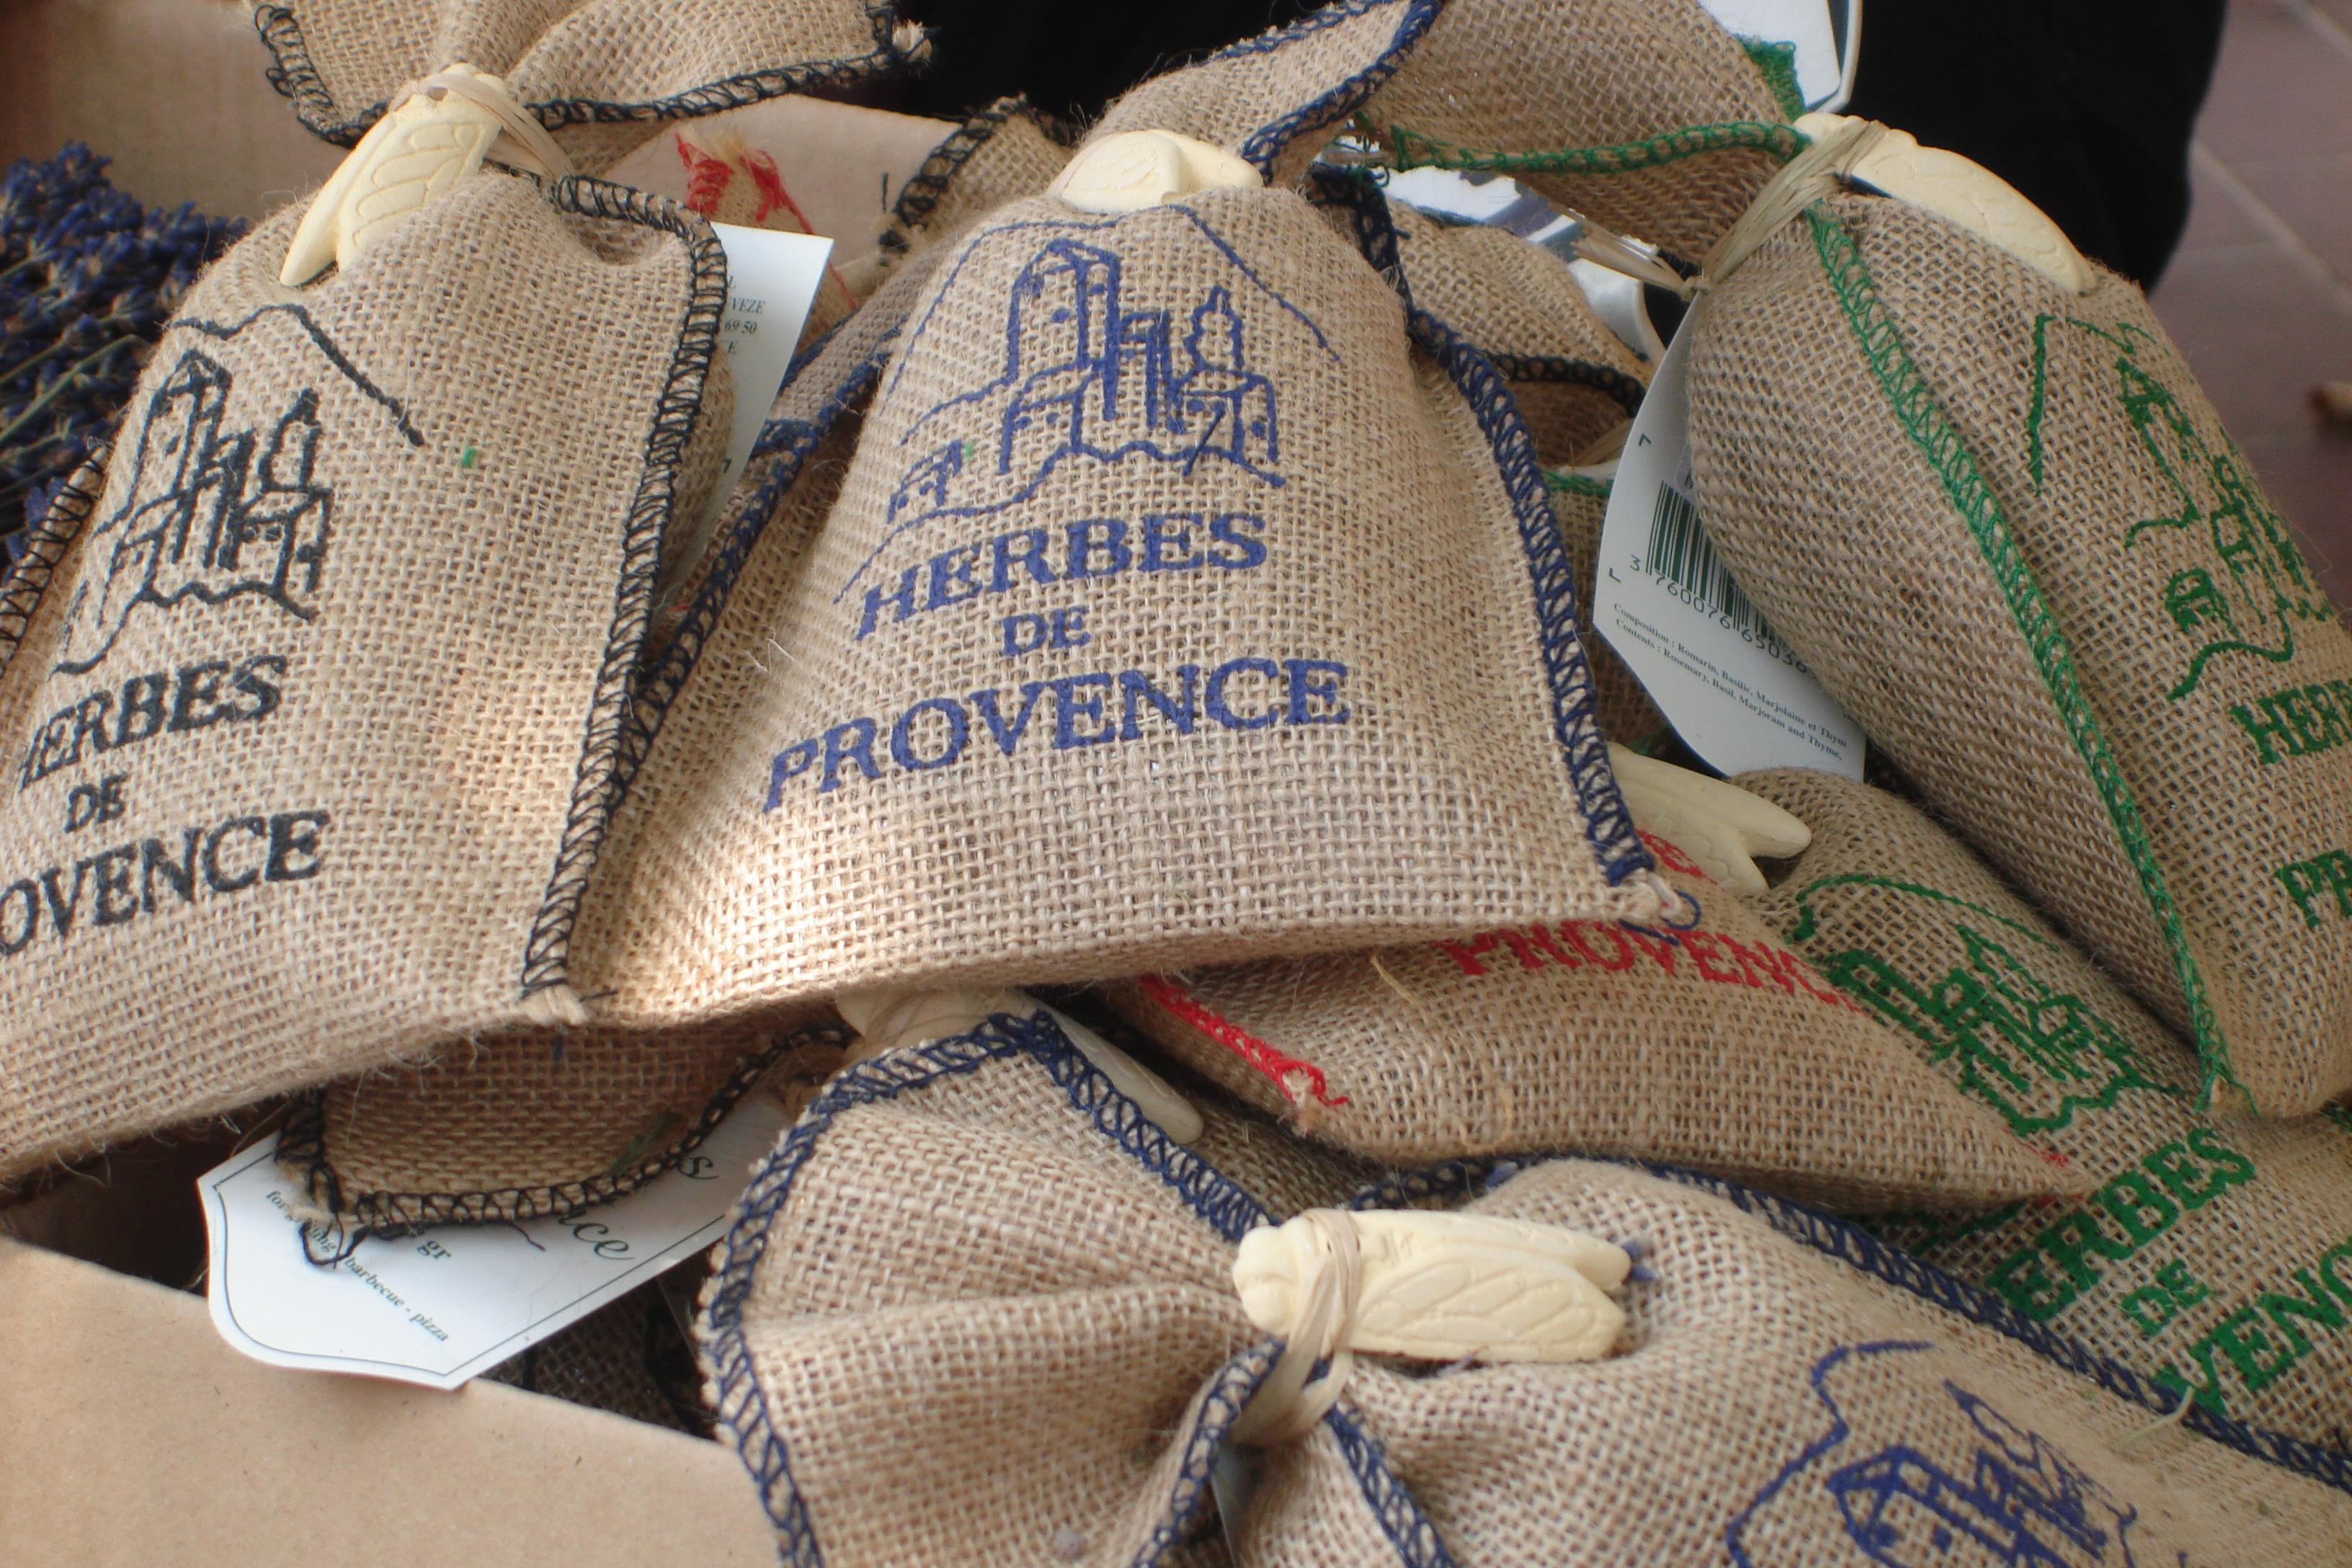 Herbes de Provence-PSandsPhotos